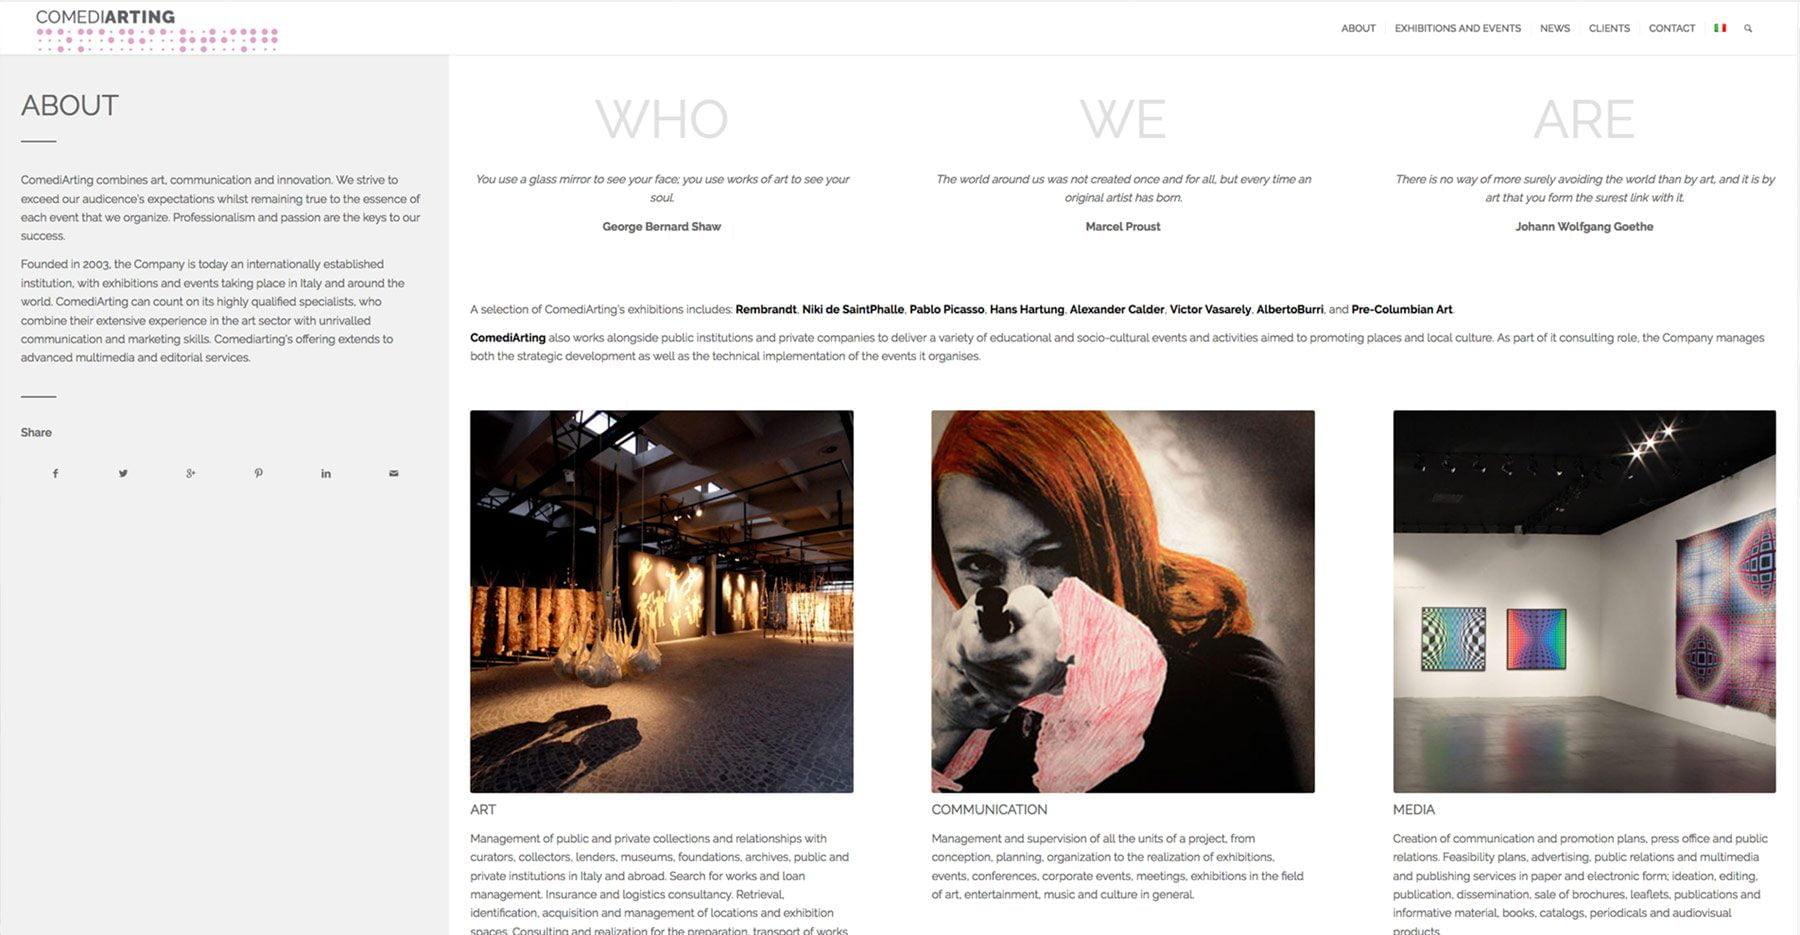 Sito web dal forte impatto visivo per ComediArting che realizza e sviluppa eventi e progetti artistici in tutto il mondo.